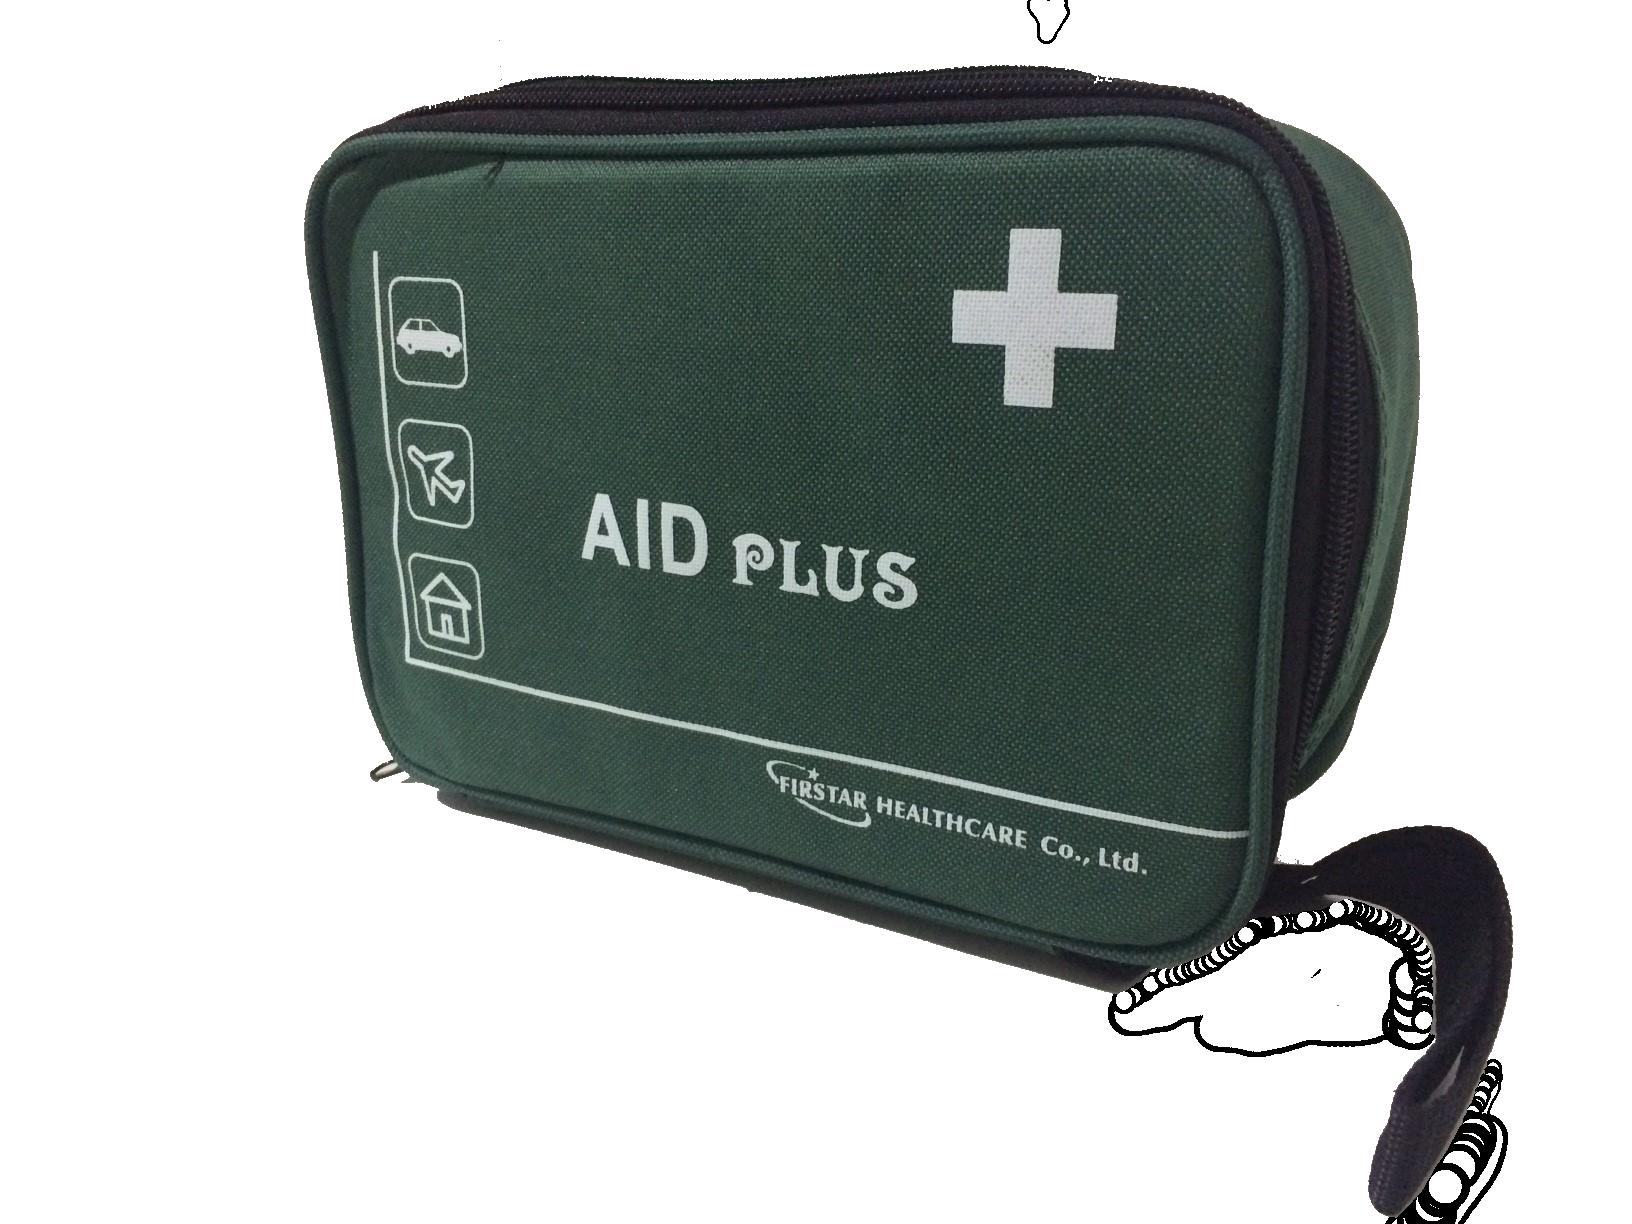 Kit Primeiros Socorros Plus